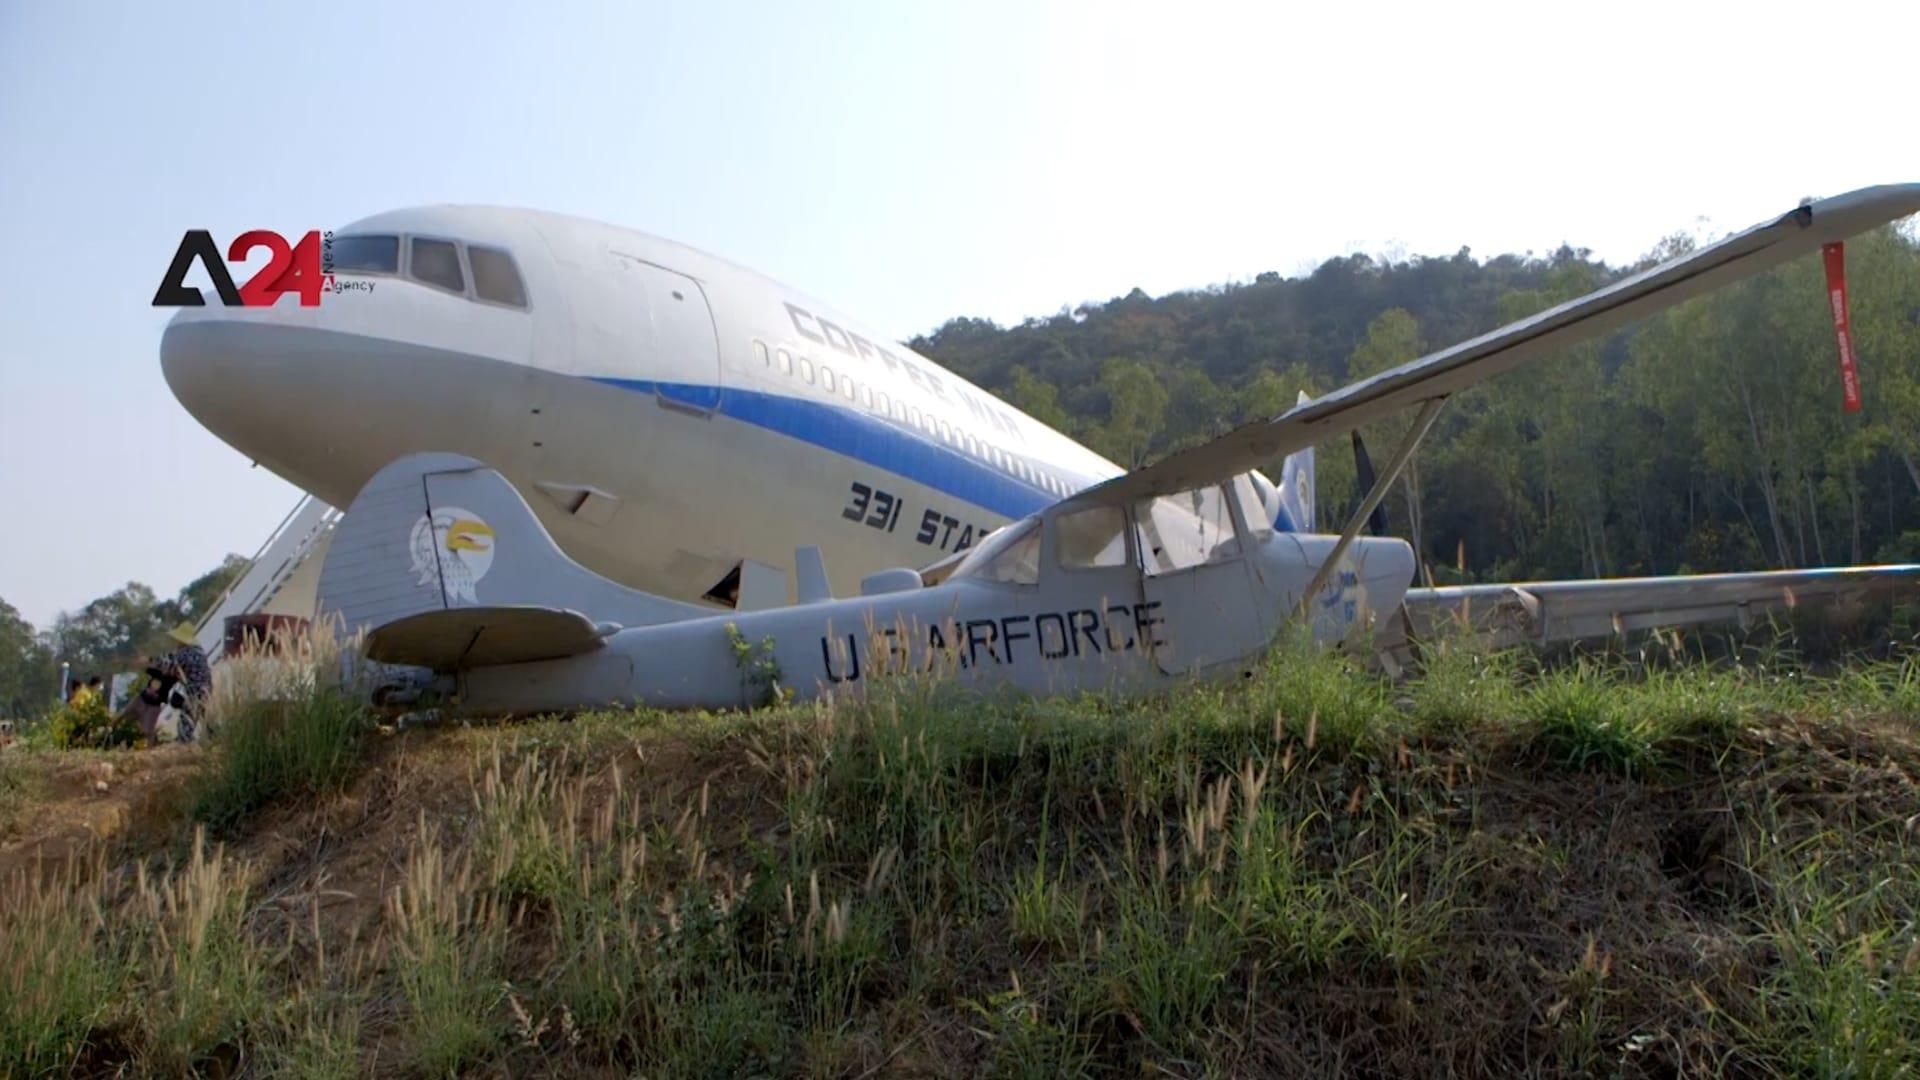 ركابها لا يريدون التحليق.. طائرات مهجورة تحيط بها مركبات عسكرية.. ما قصتها؟